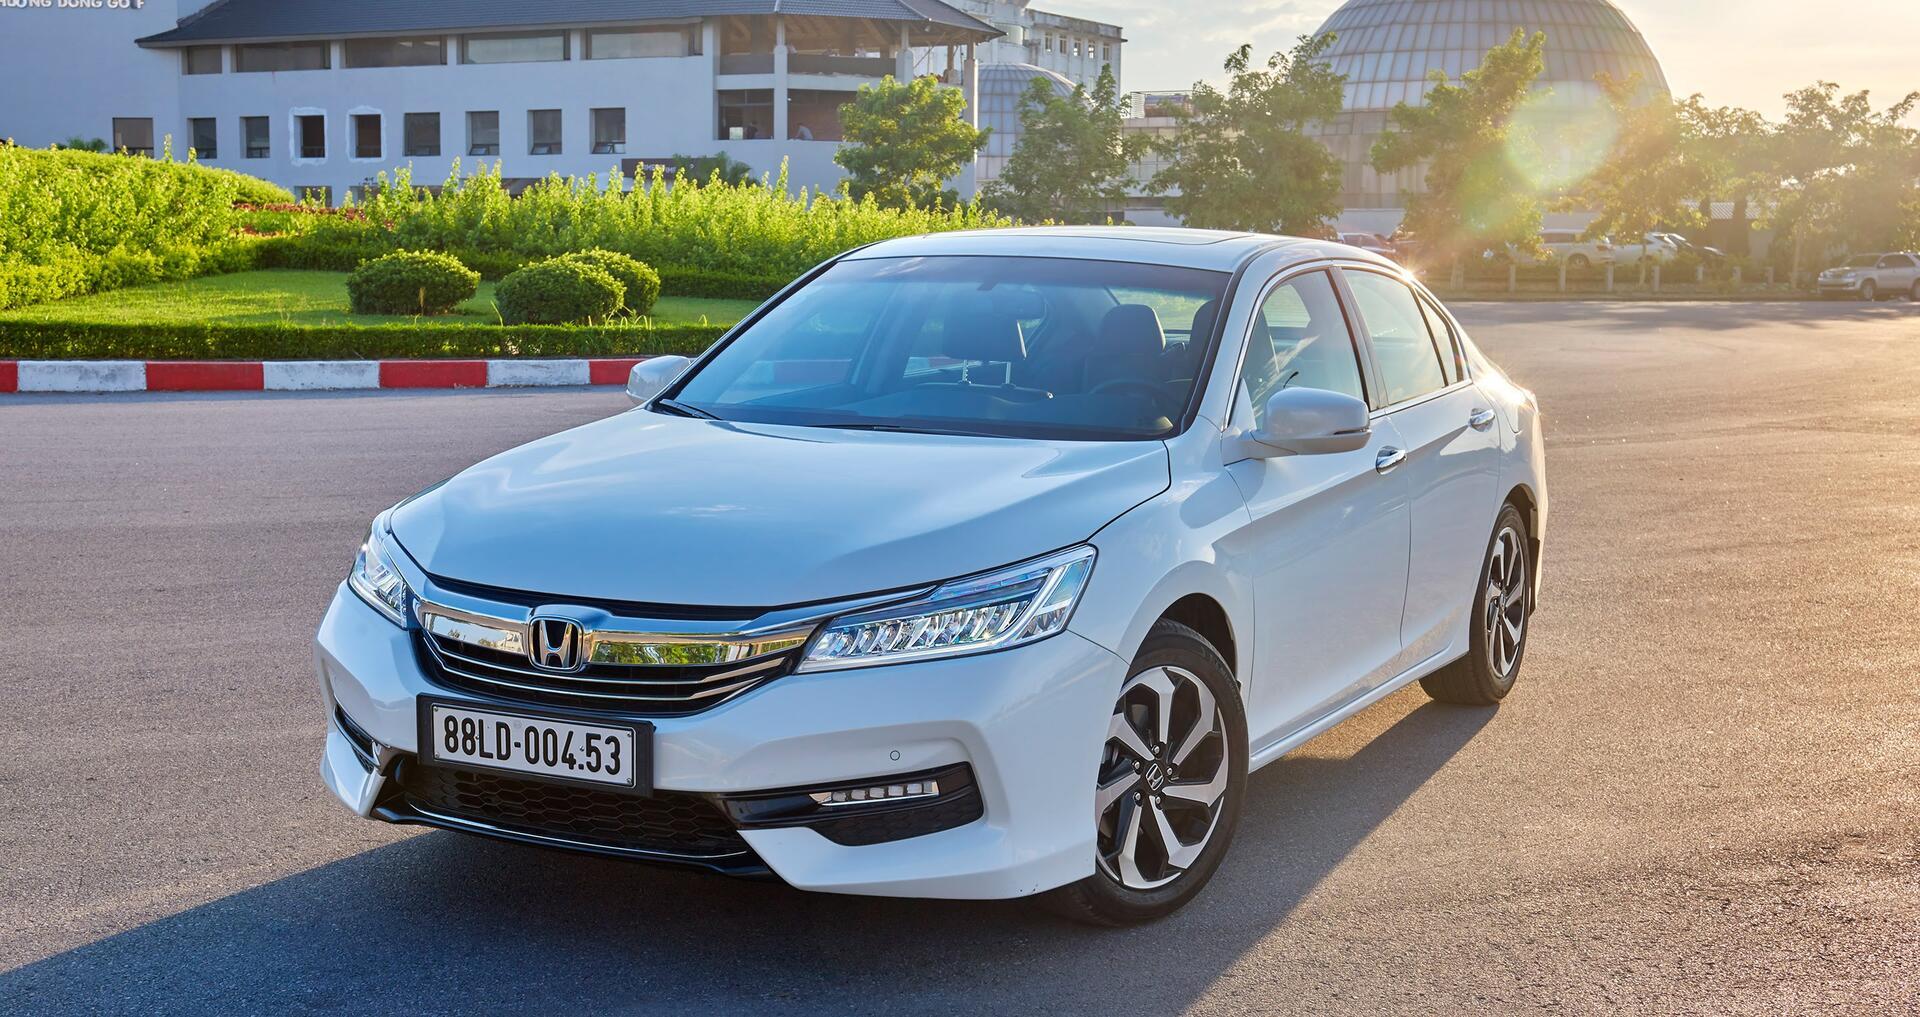 Đánh giá Honda Accord 2016: Ưa nhìn hơn, trang bị tốt hơn và lái phấn khích hơn - Hình 2